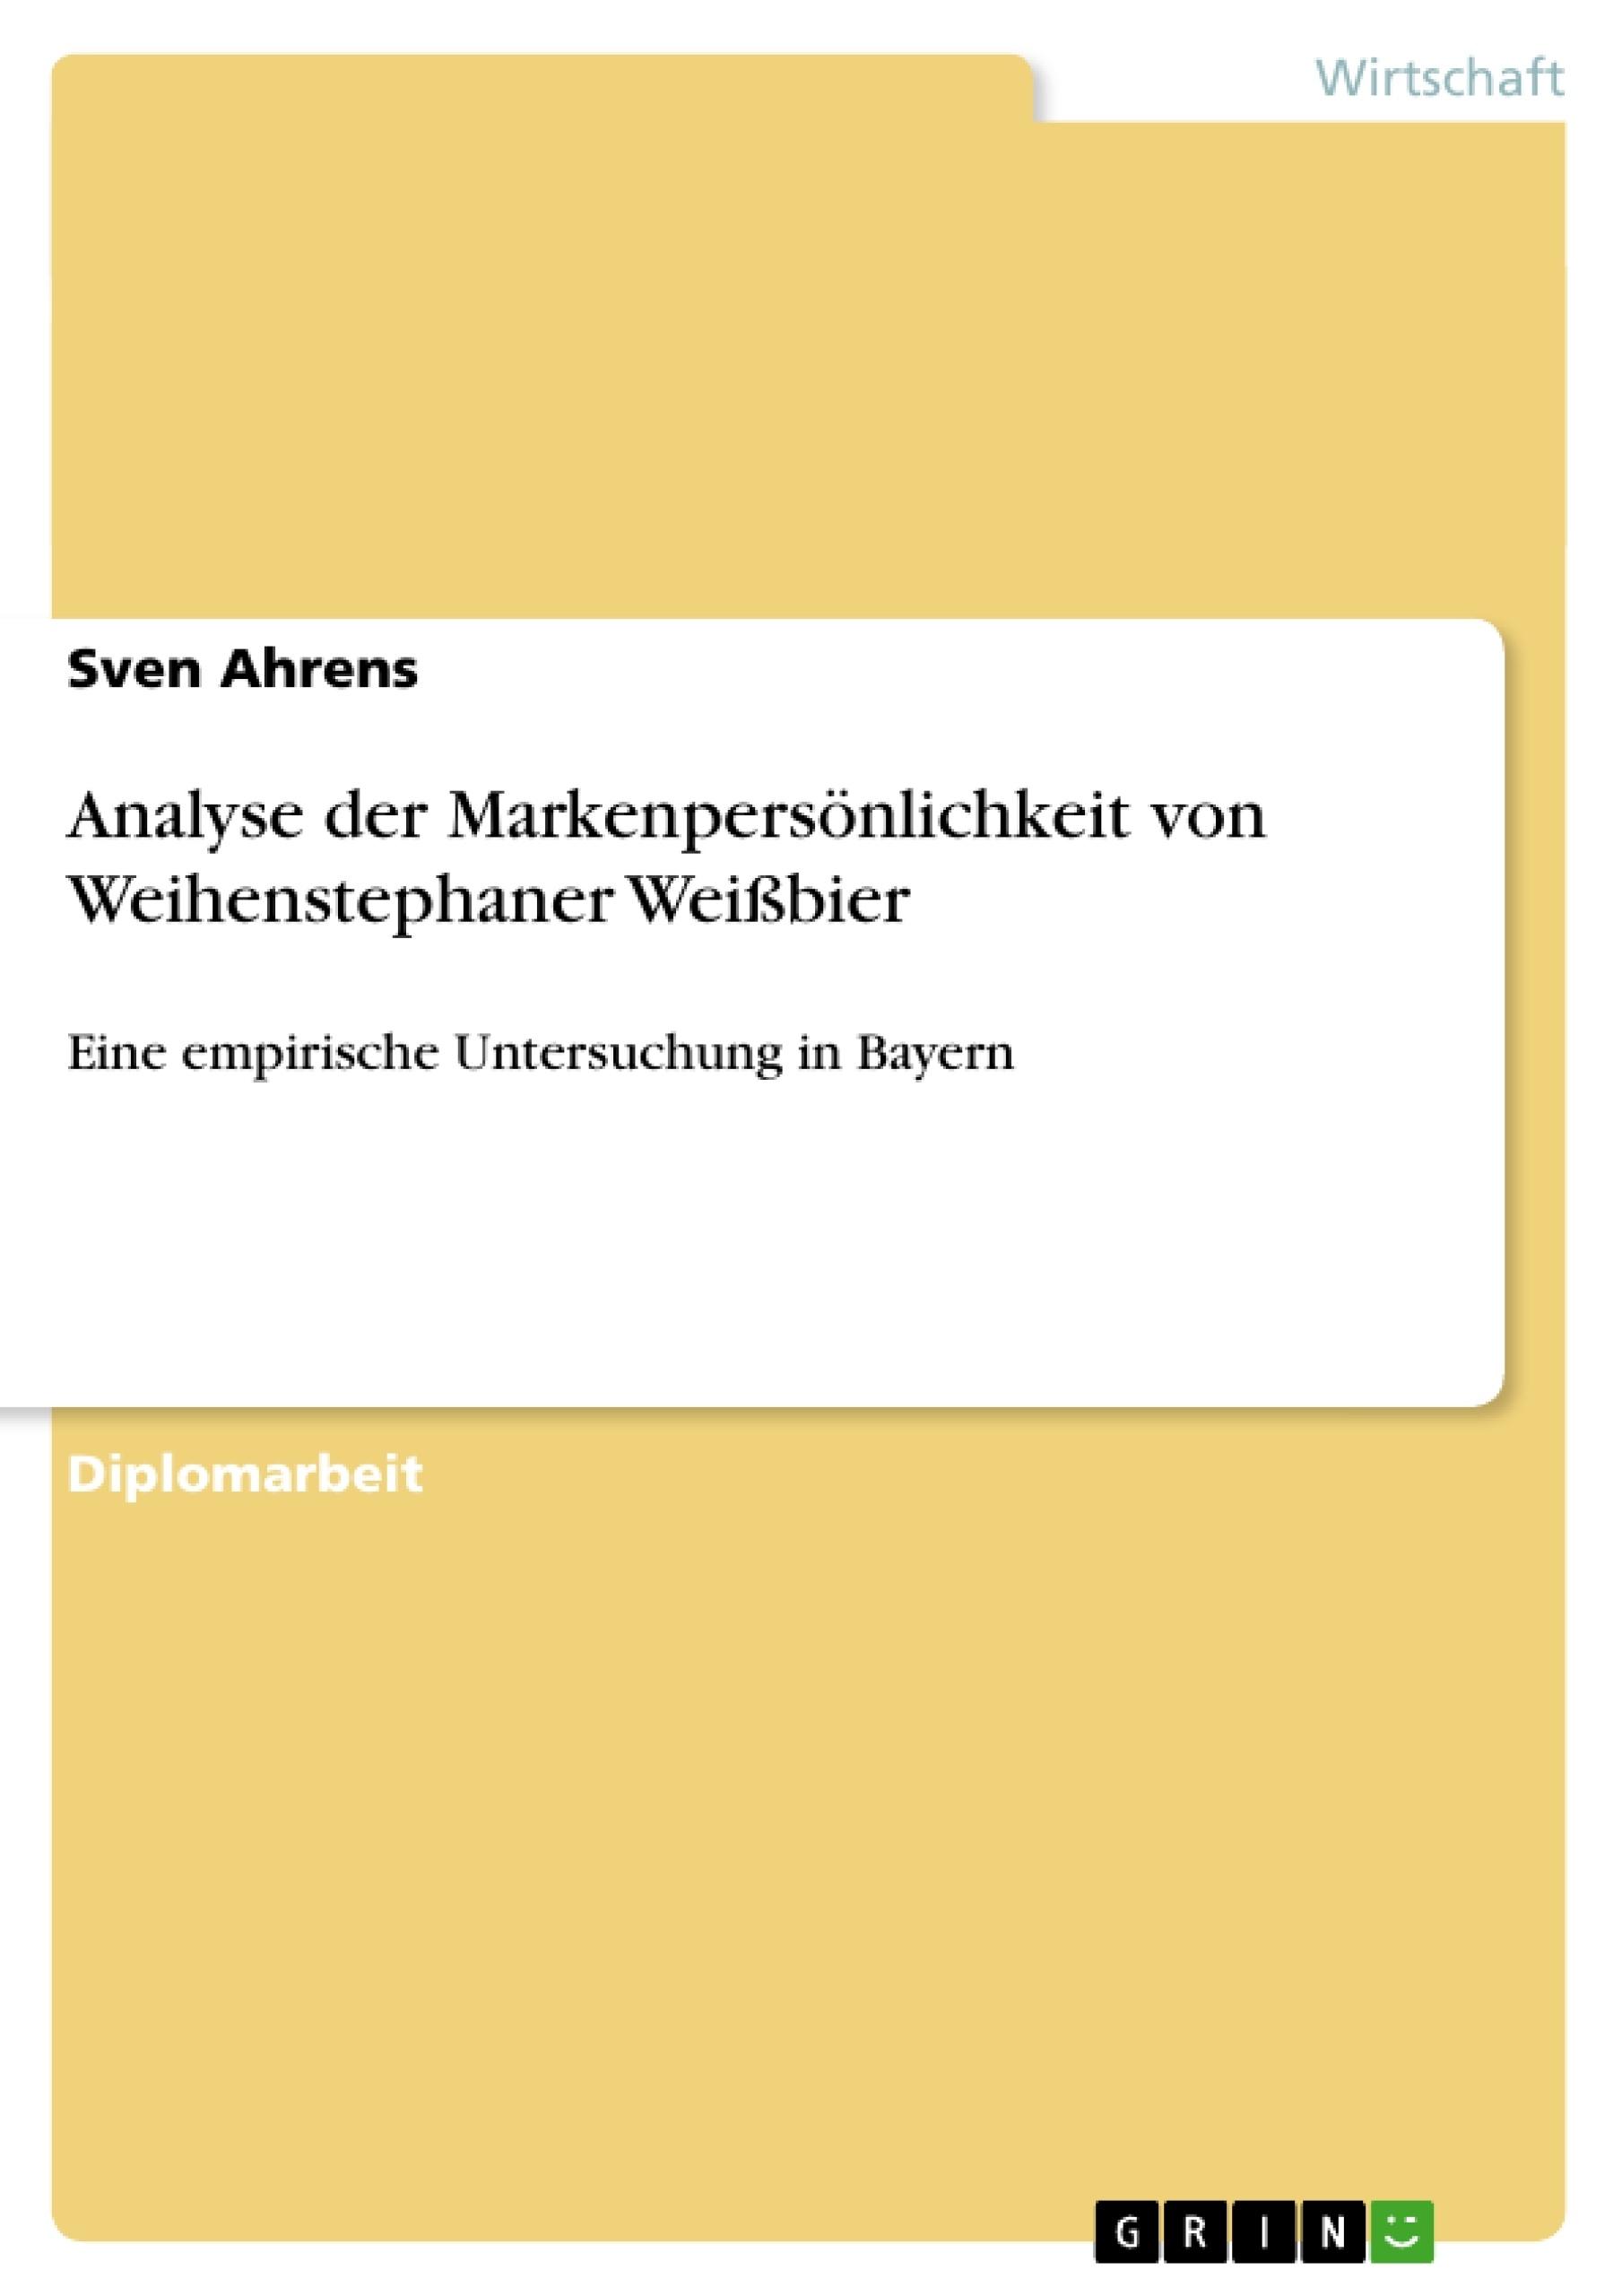 Titel: Analyse der Markenpersönlichkeit von Weihenstephaner Weißbier